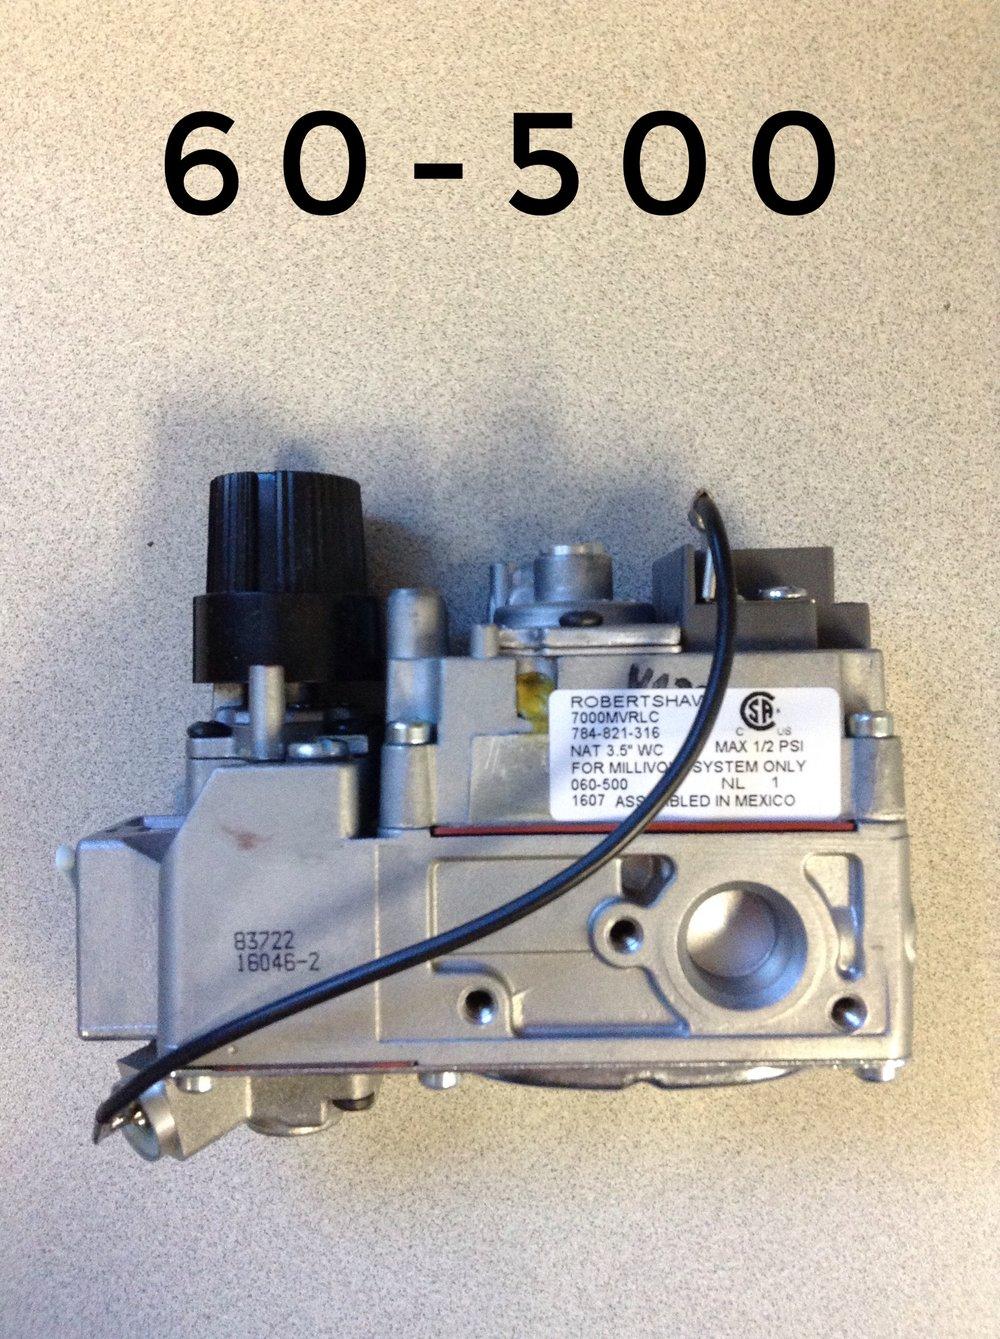 60-500 (2).JPG